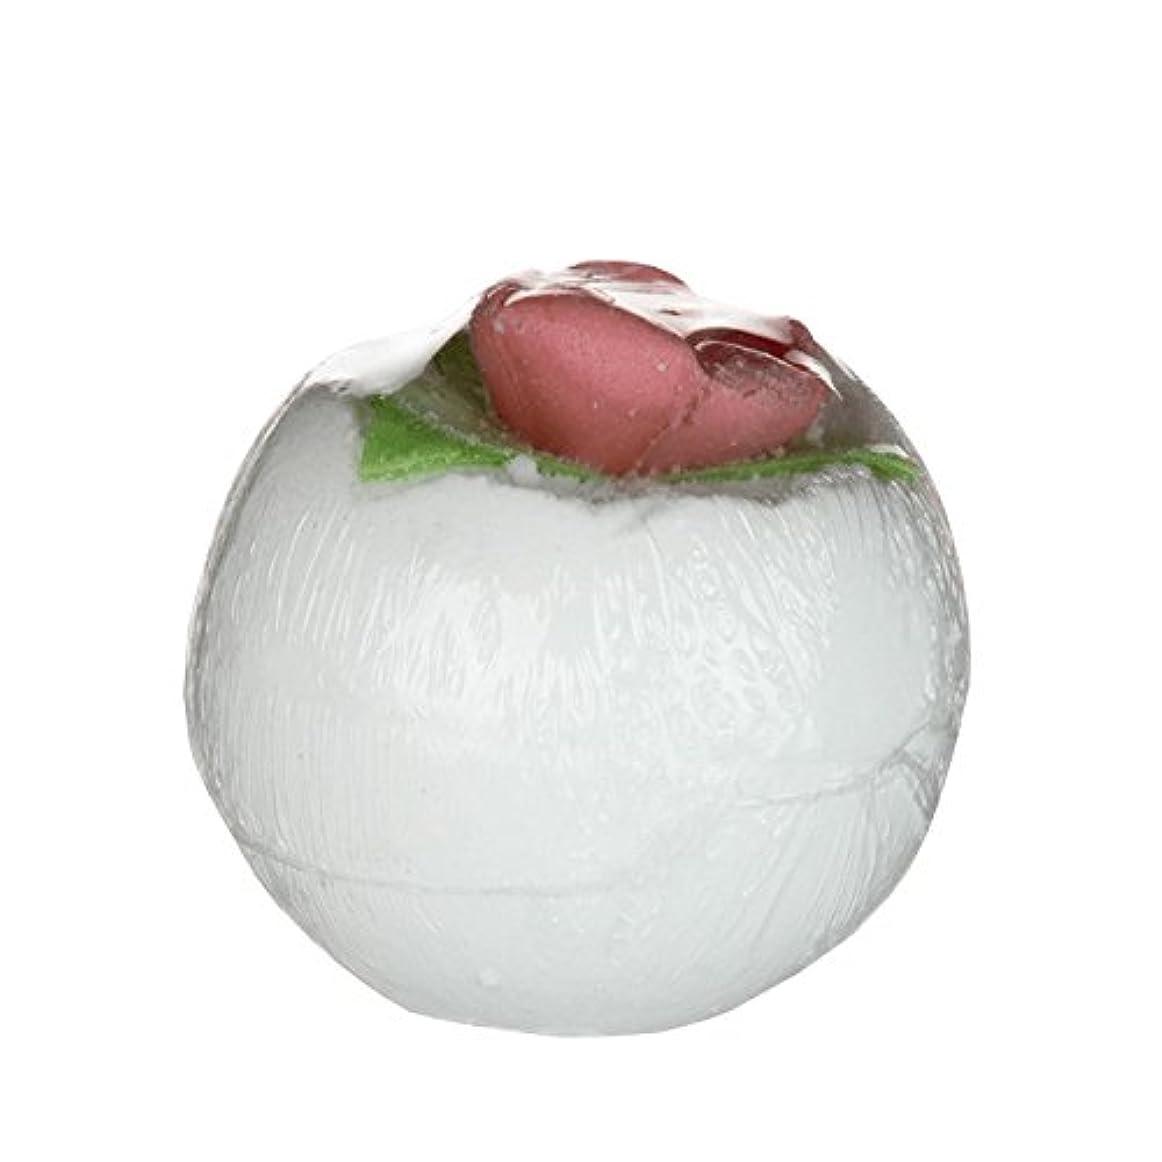 患者パートナー巻き戻すTreetsバスボール最愛の花170グラム - Treets Bath Ball Darling Flower 170g (Treets) [並行輸入品]